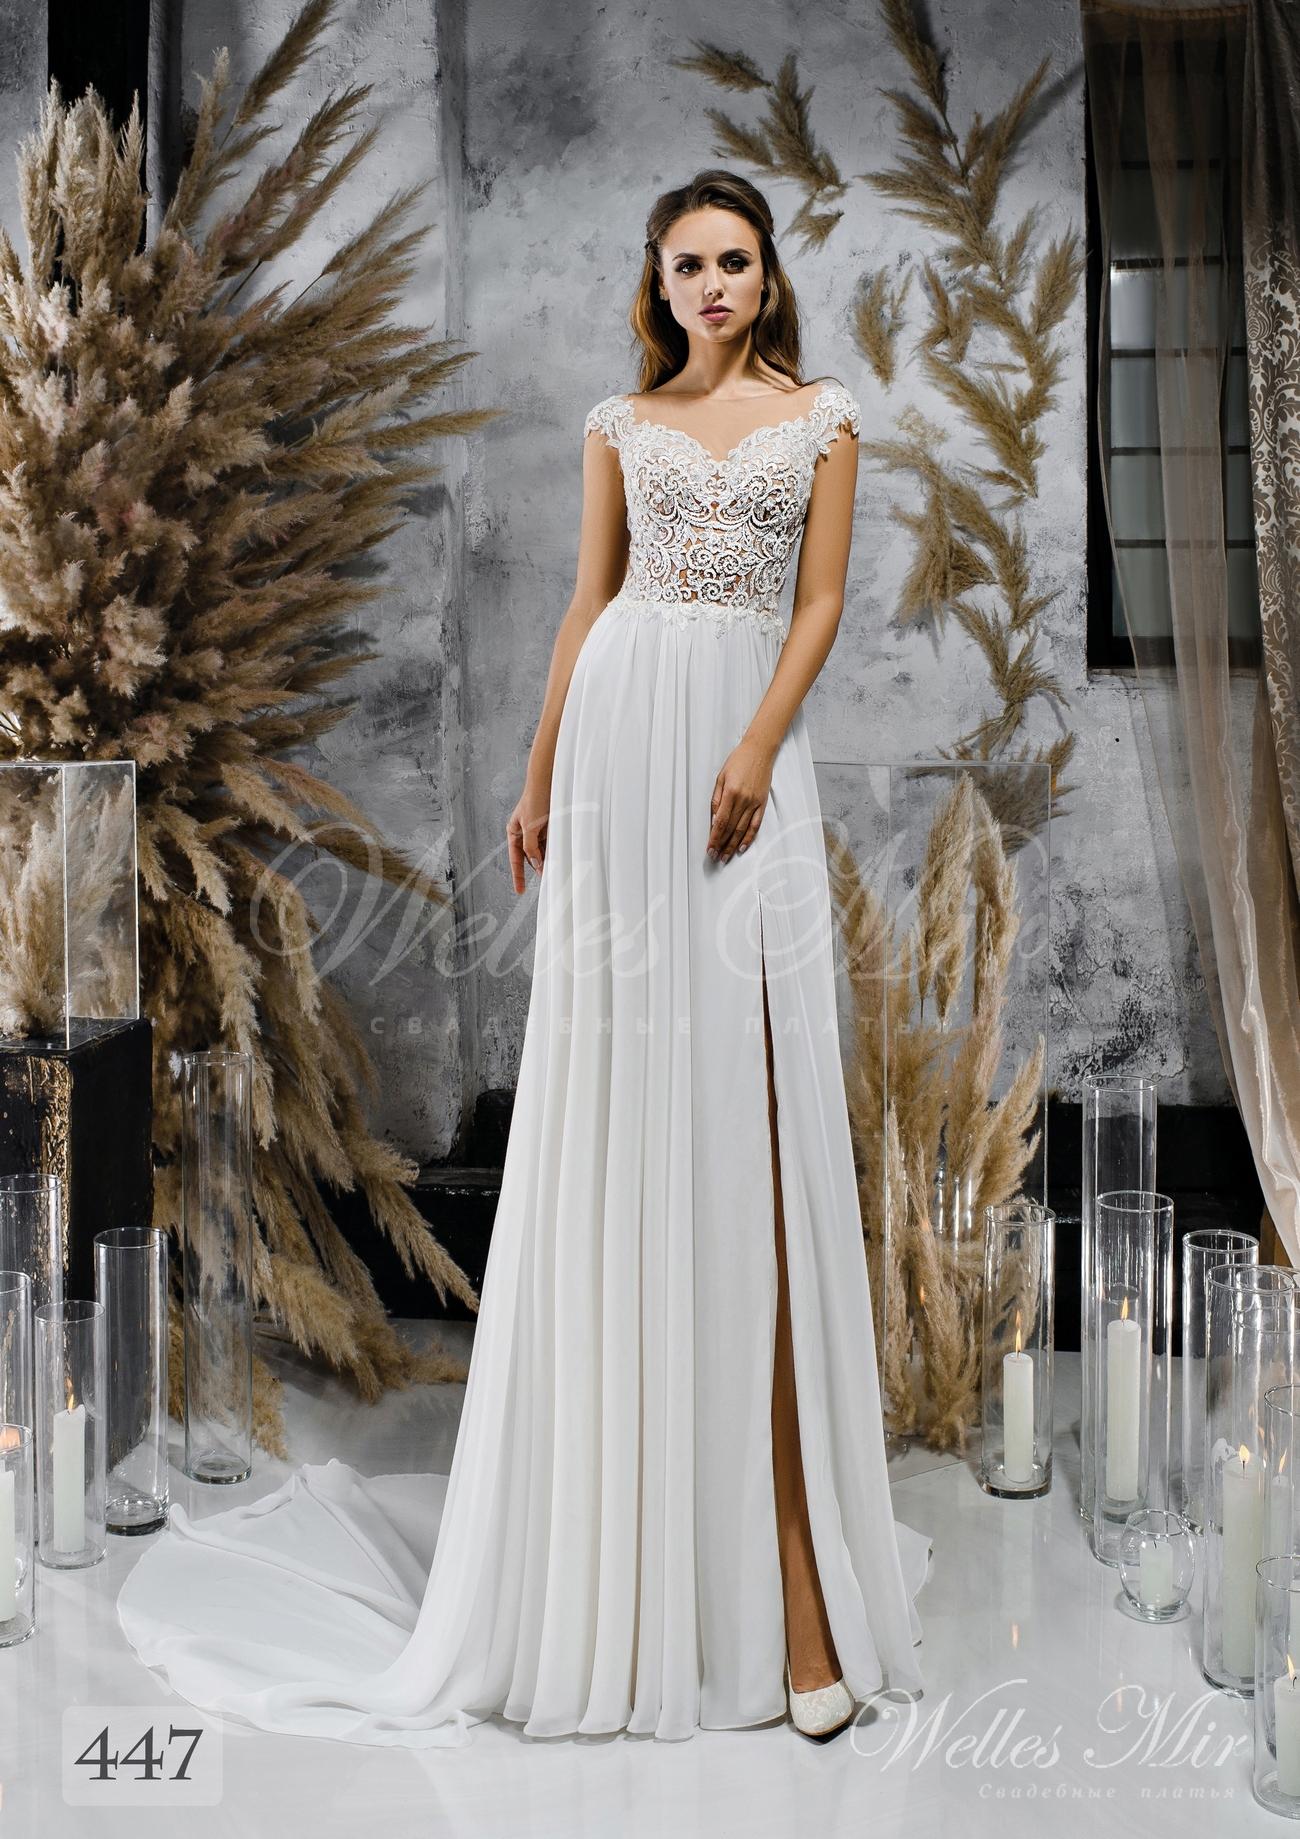 Пряма весільна сукня з мереживним корсетом оптом